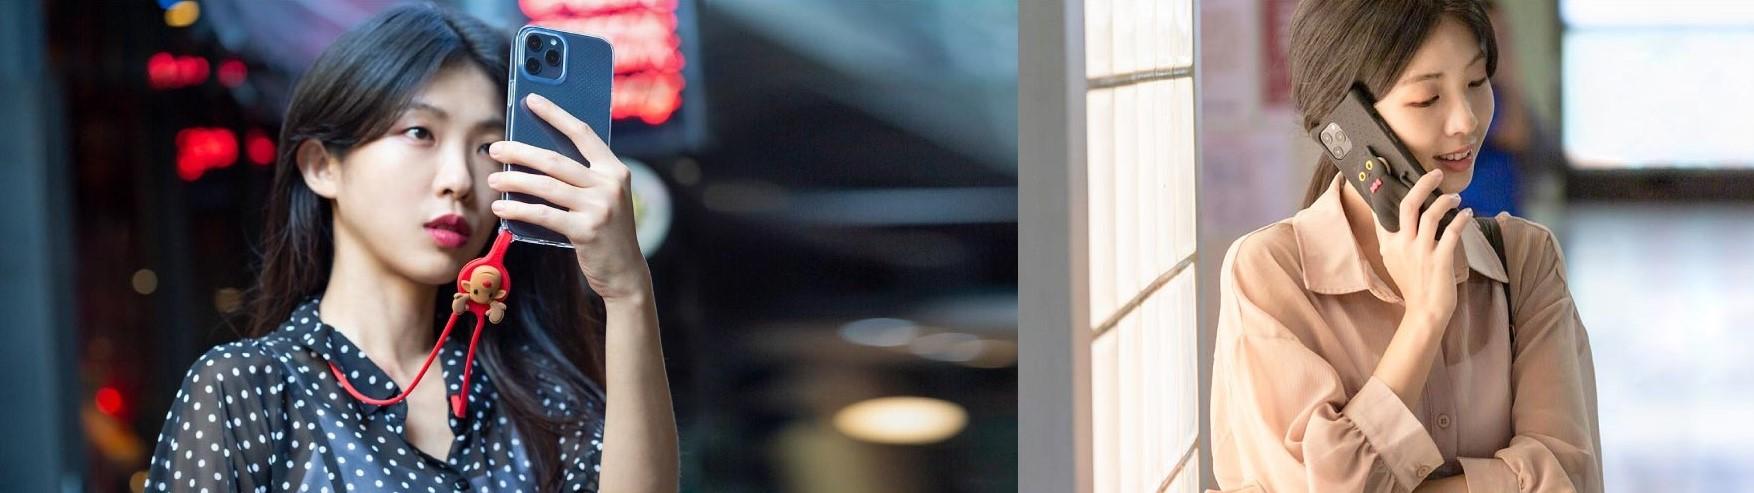 Bone新発売:対照的な個性が魅力のiPhone12シリーズ専用スマホケースがBoneから同時発売!クリアでスタイリッシュに魅せる?ビッグキャラチャームでポップに護る?